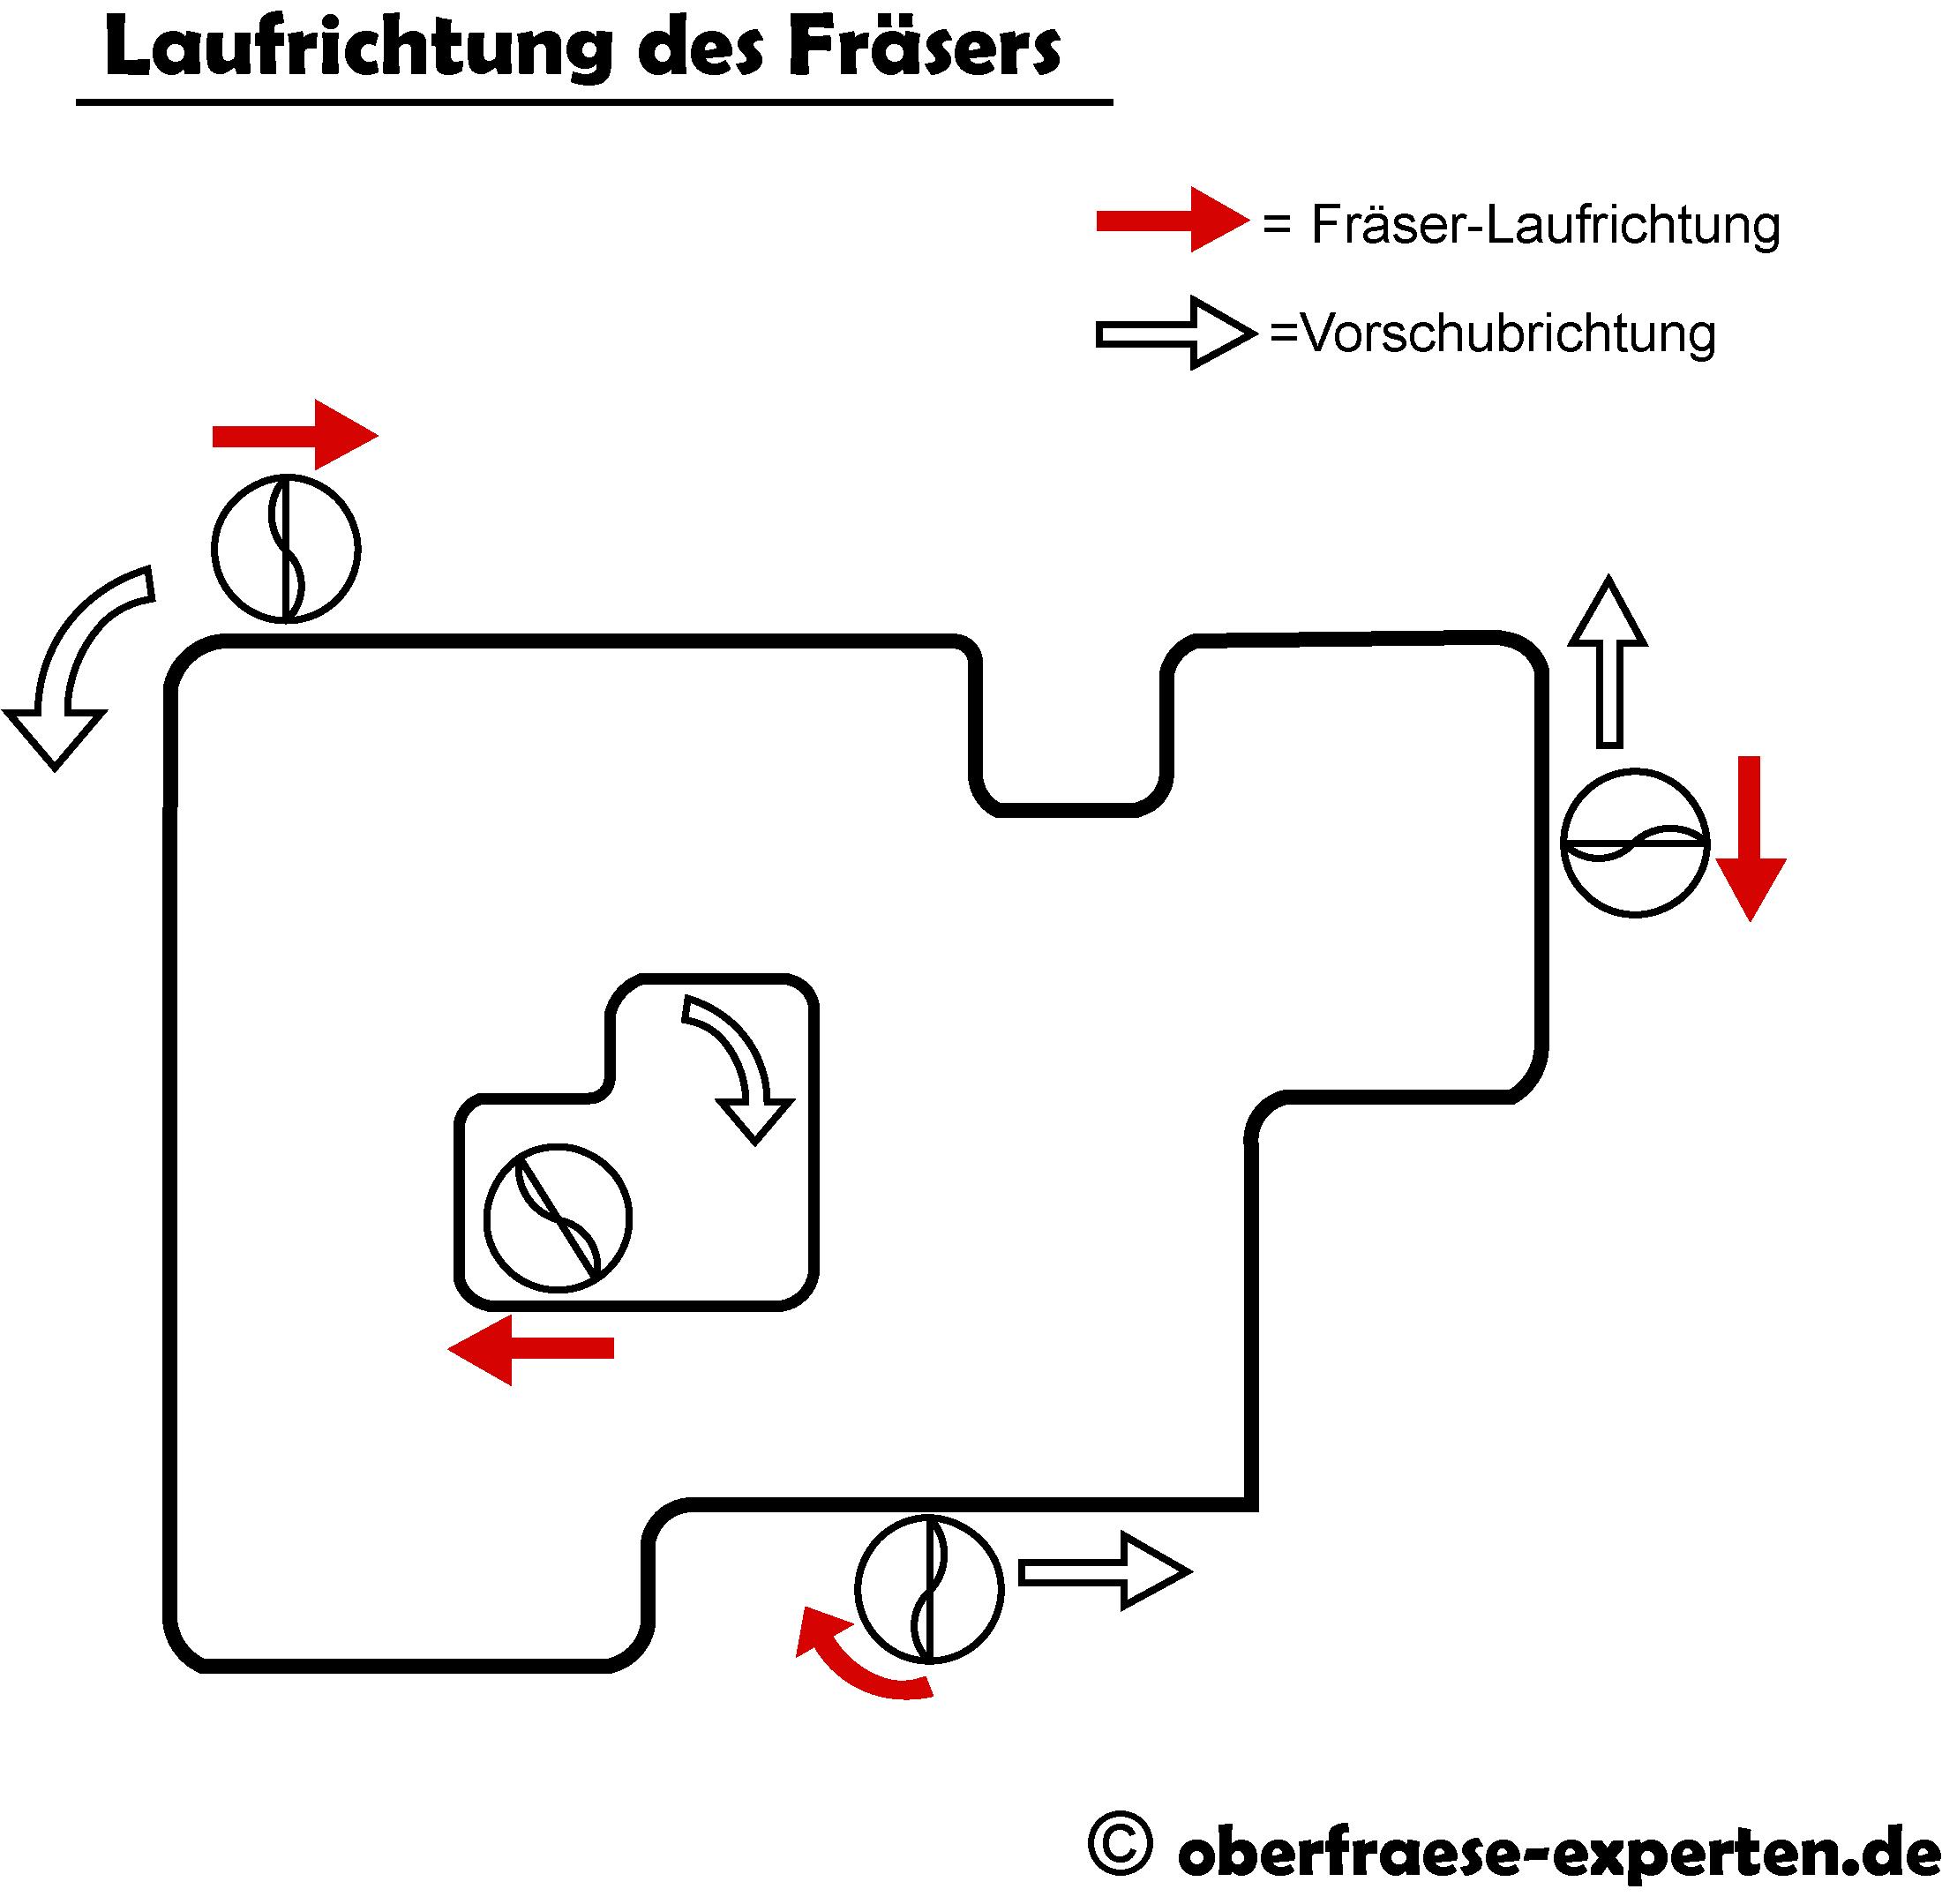 Laufrichtung des Fraesers